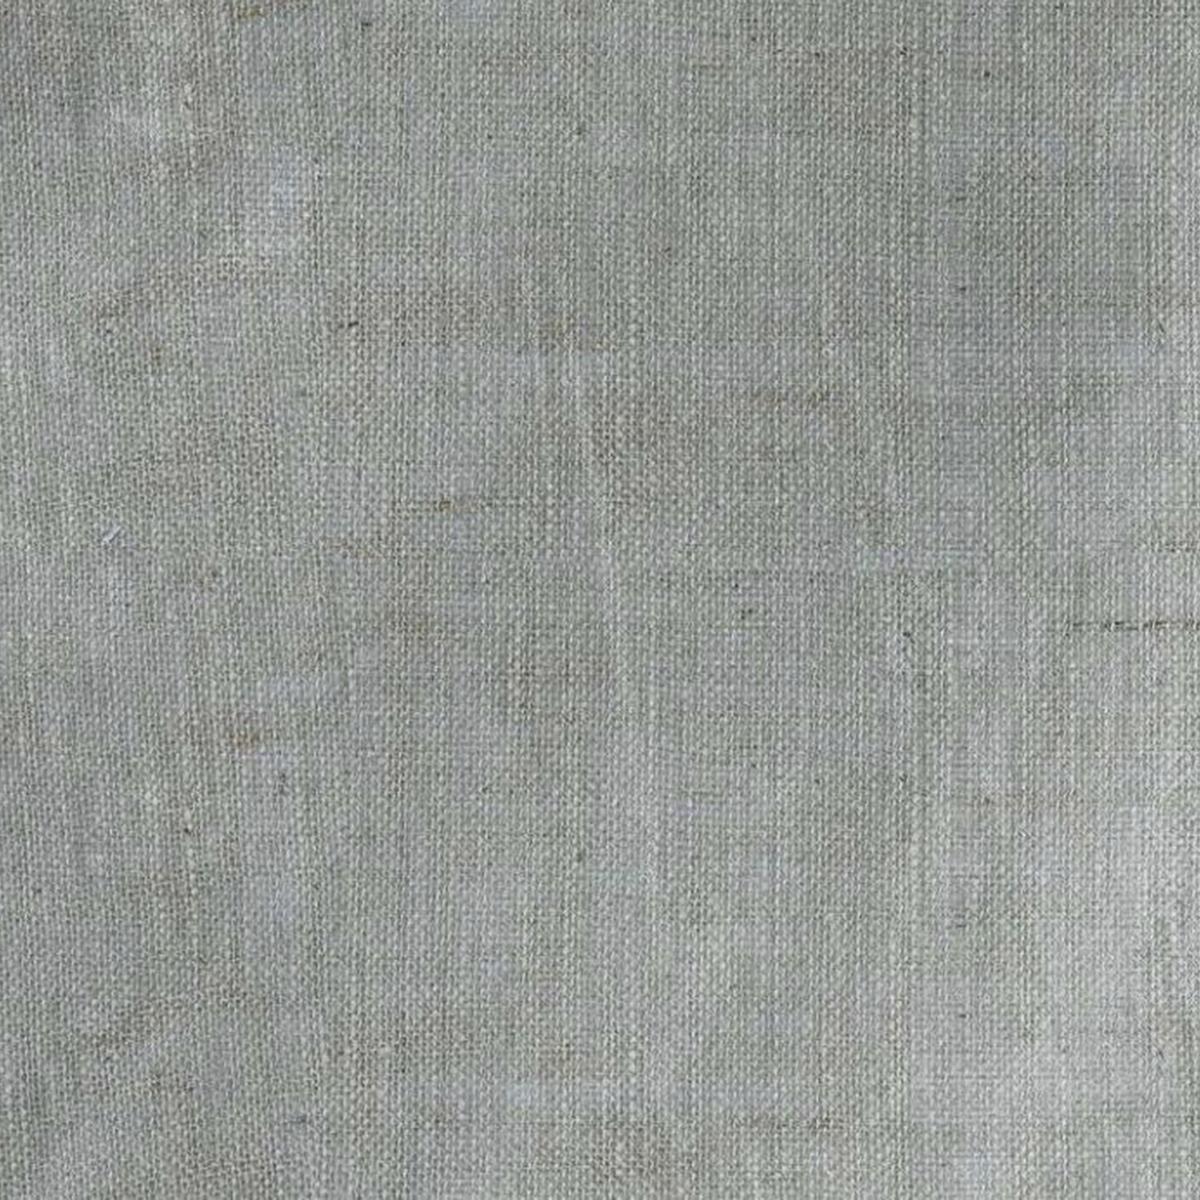 Fabric Folio Silver 24 x 24 FB02